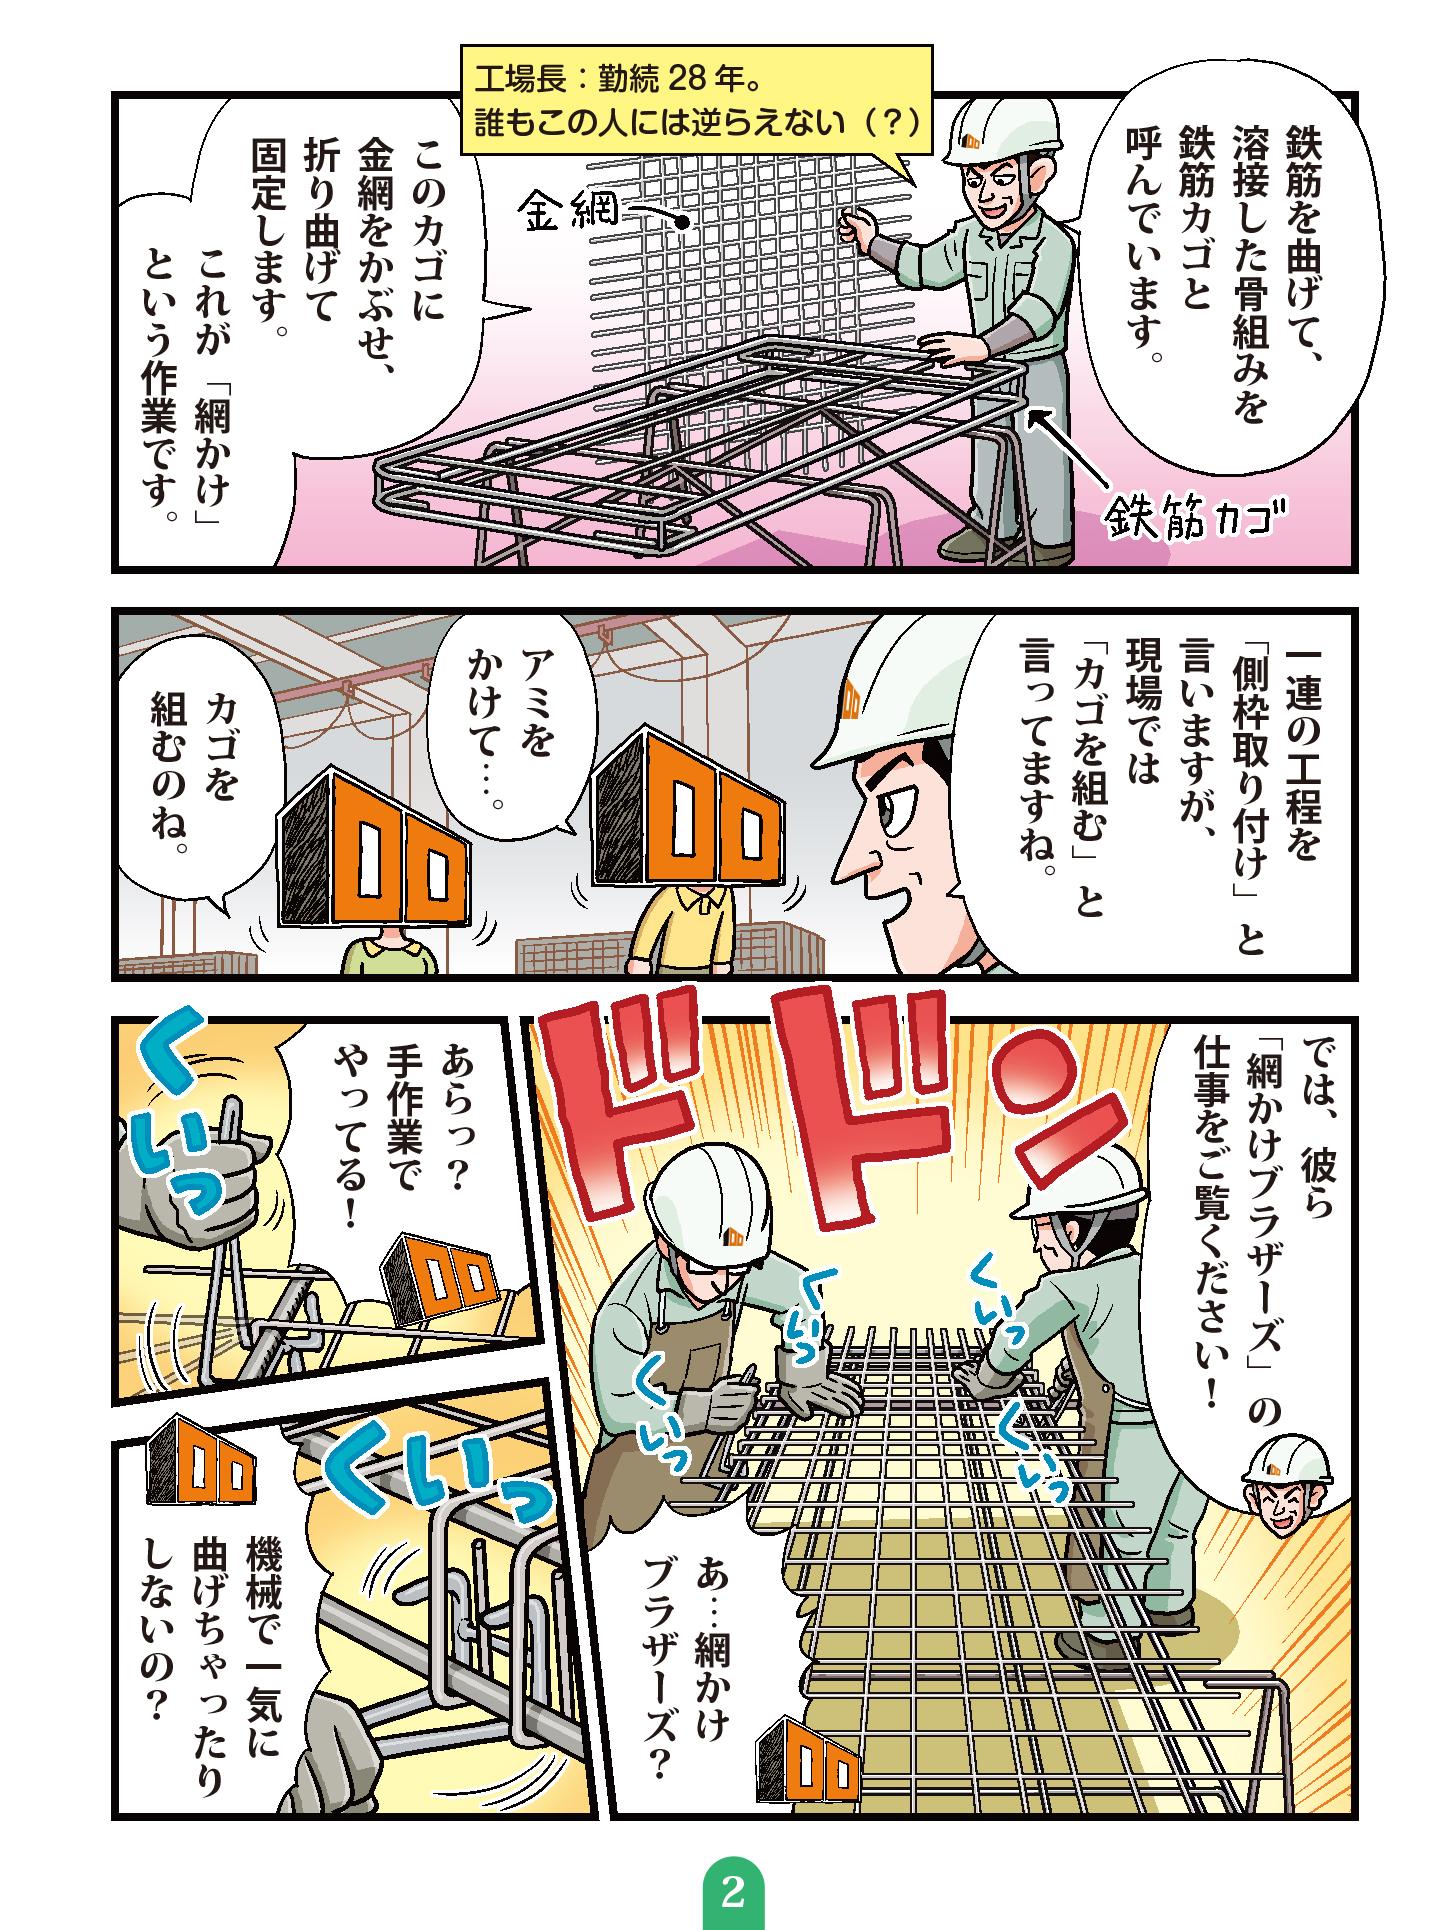 最強職人列伝 第2話 網かけ職人02